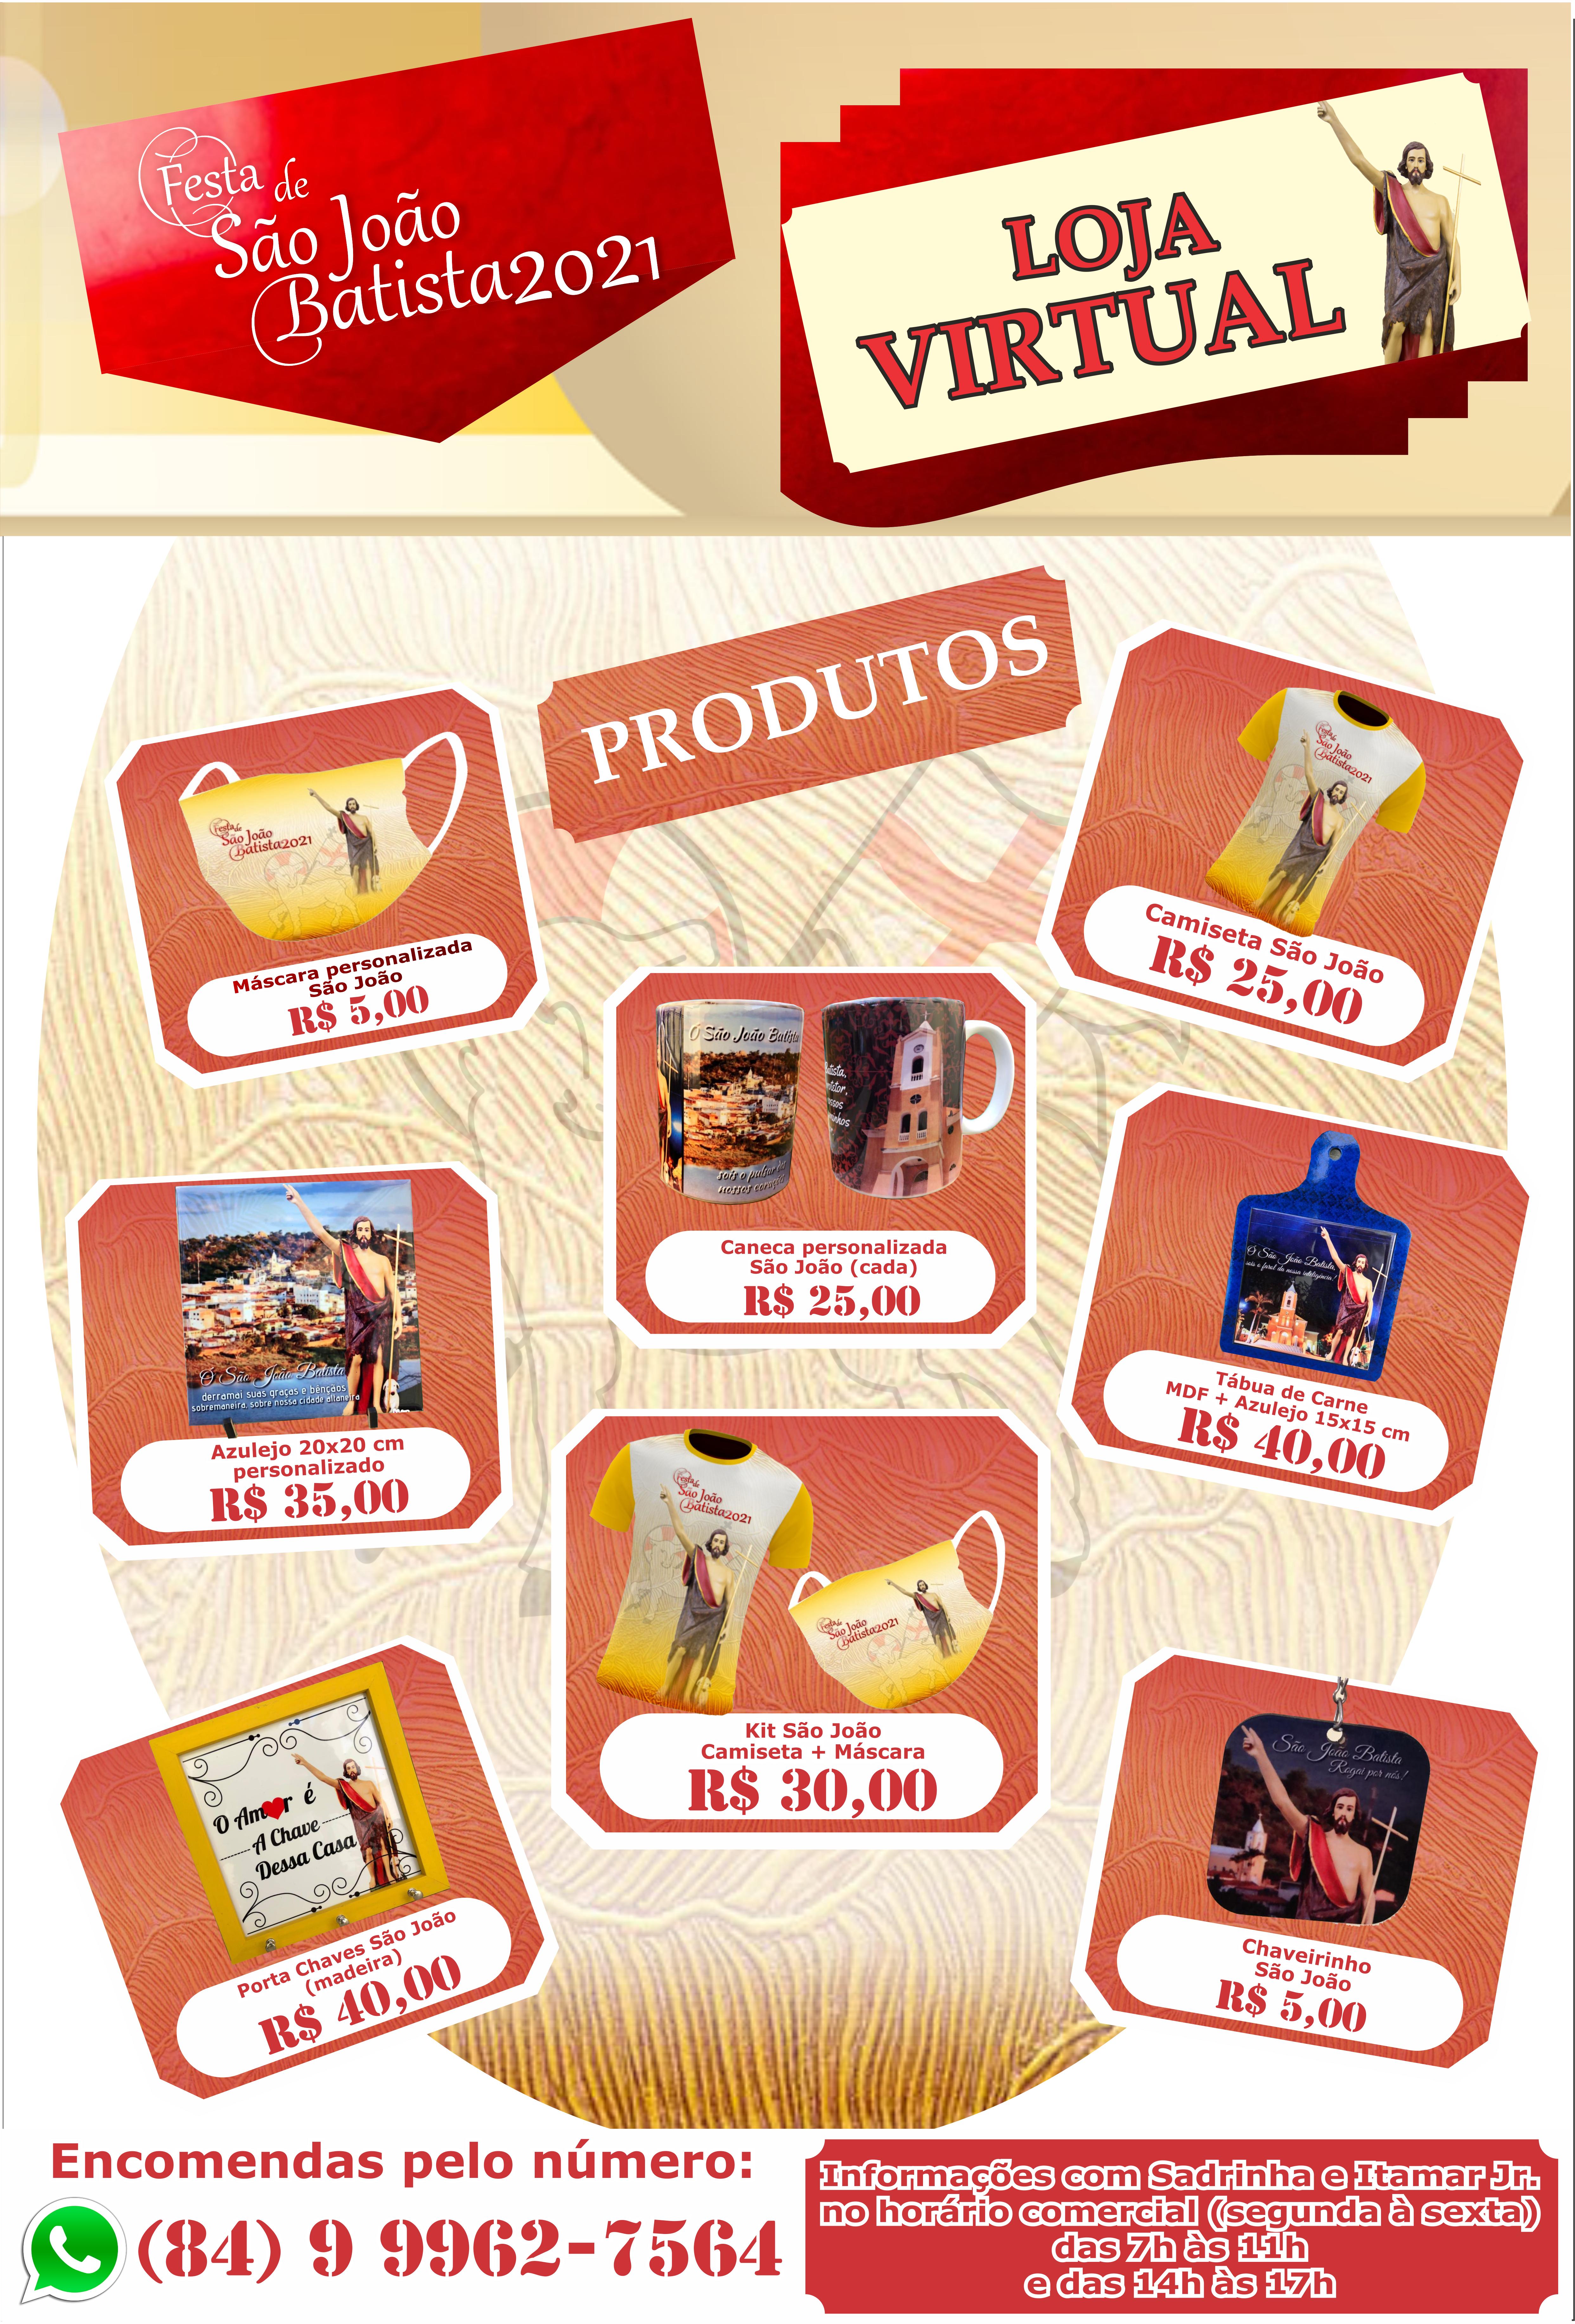 Paroquia de São João Batista cria sua Loja Virtual,conheça e adquira os produtos